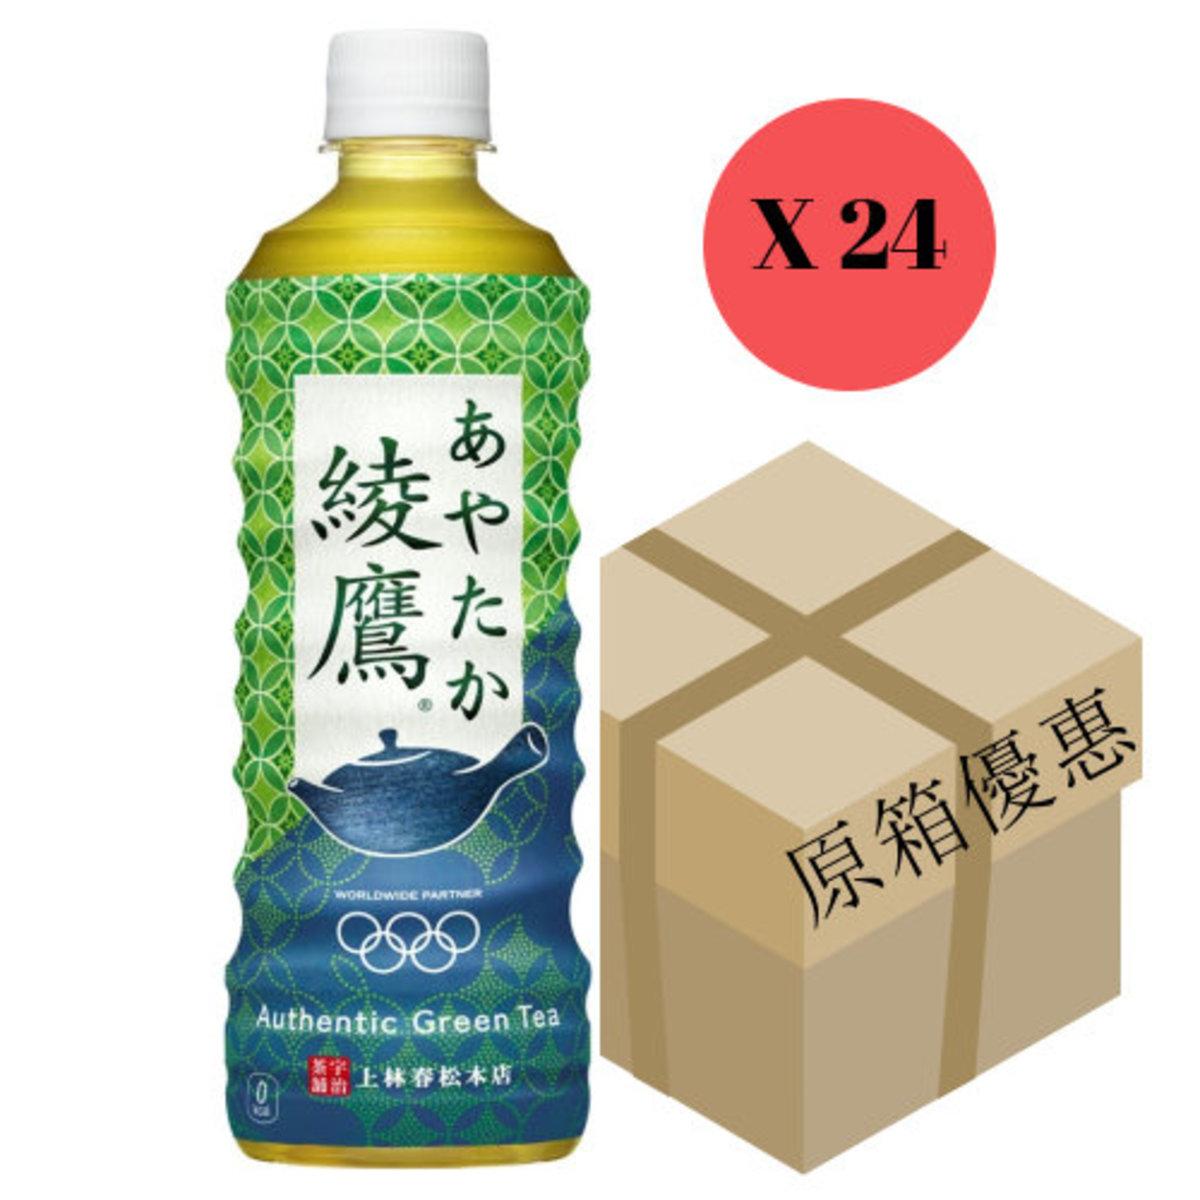 【原箱優惠】日本綾鷹綠茶 525ml x 24 pcs (04902102107655)